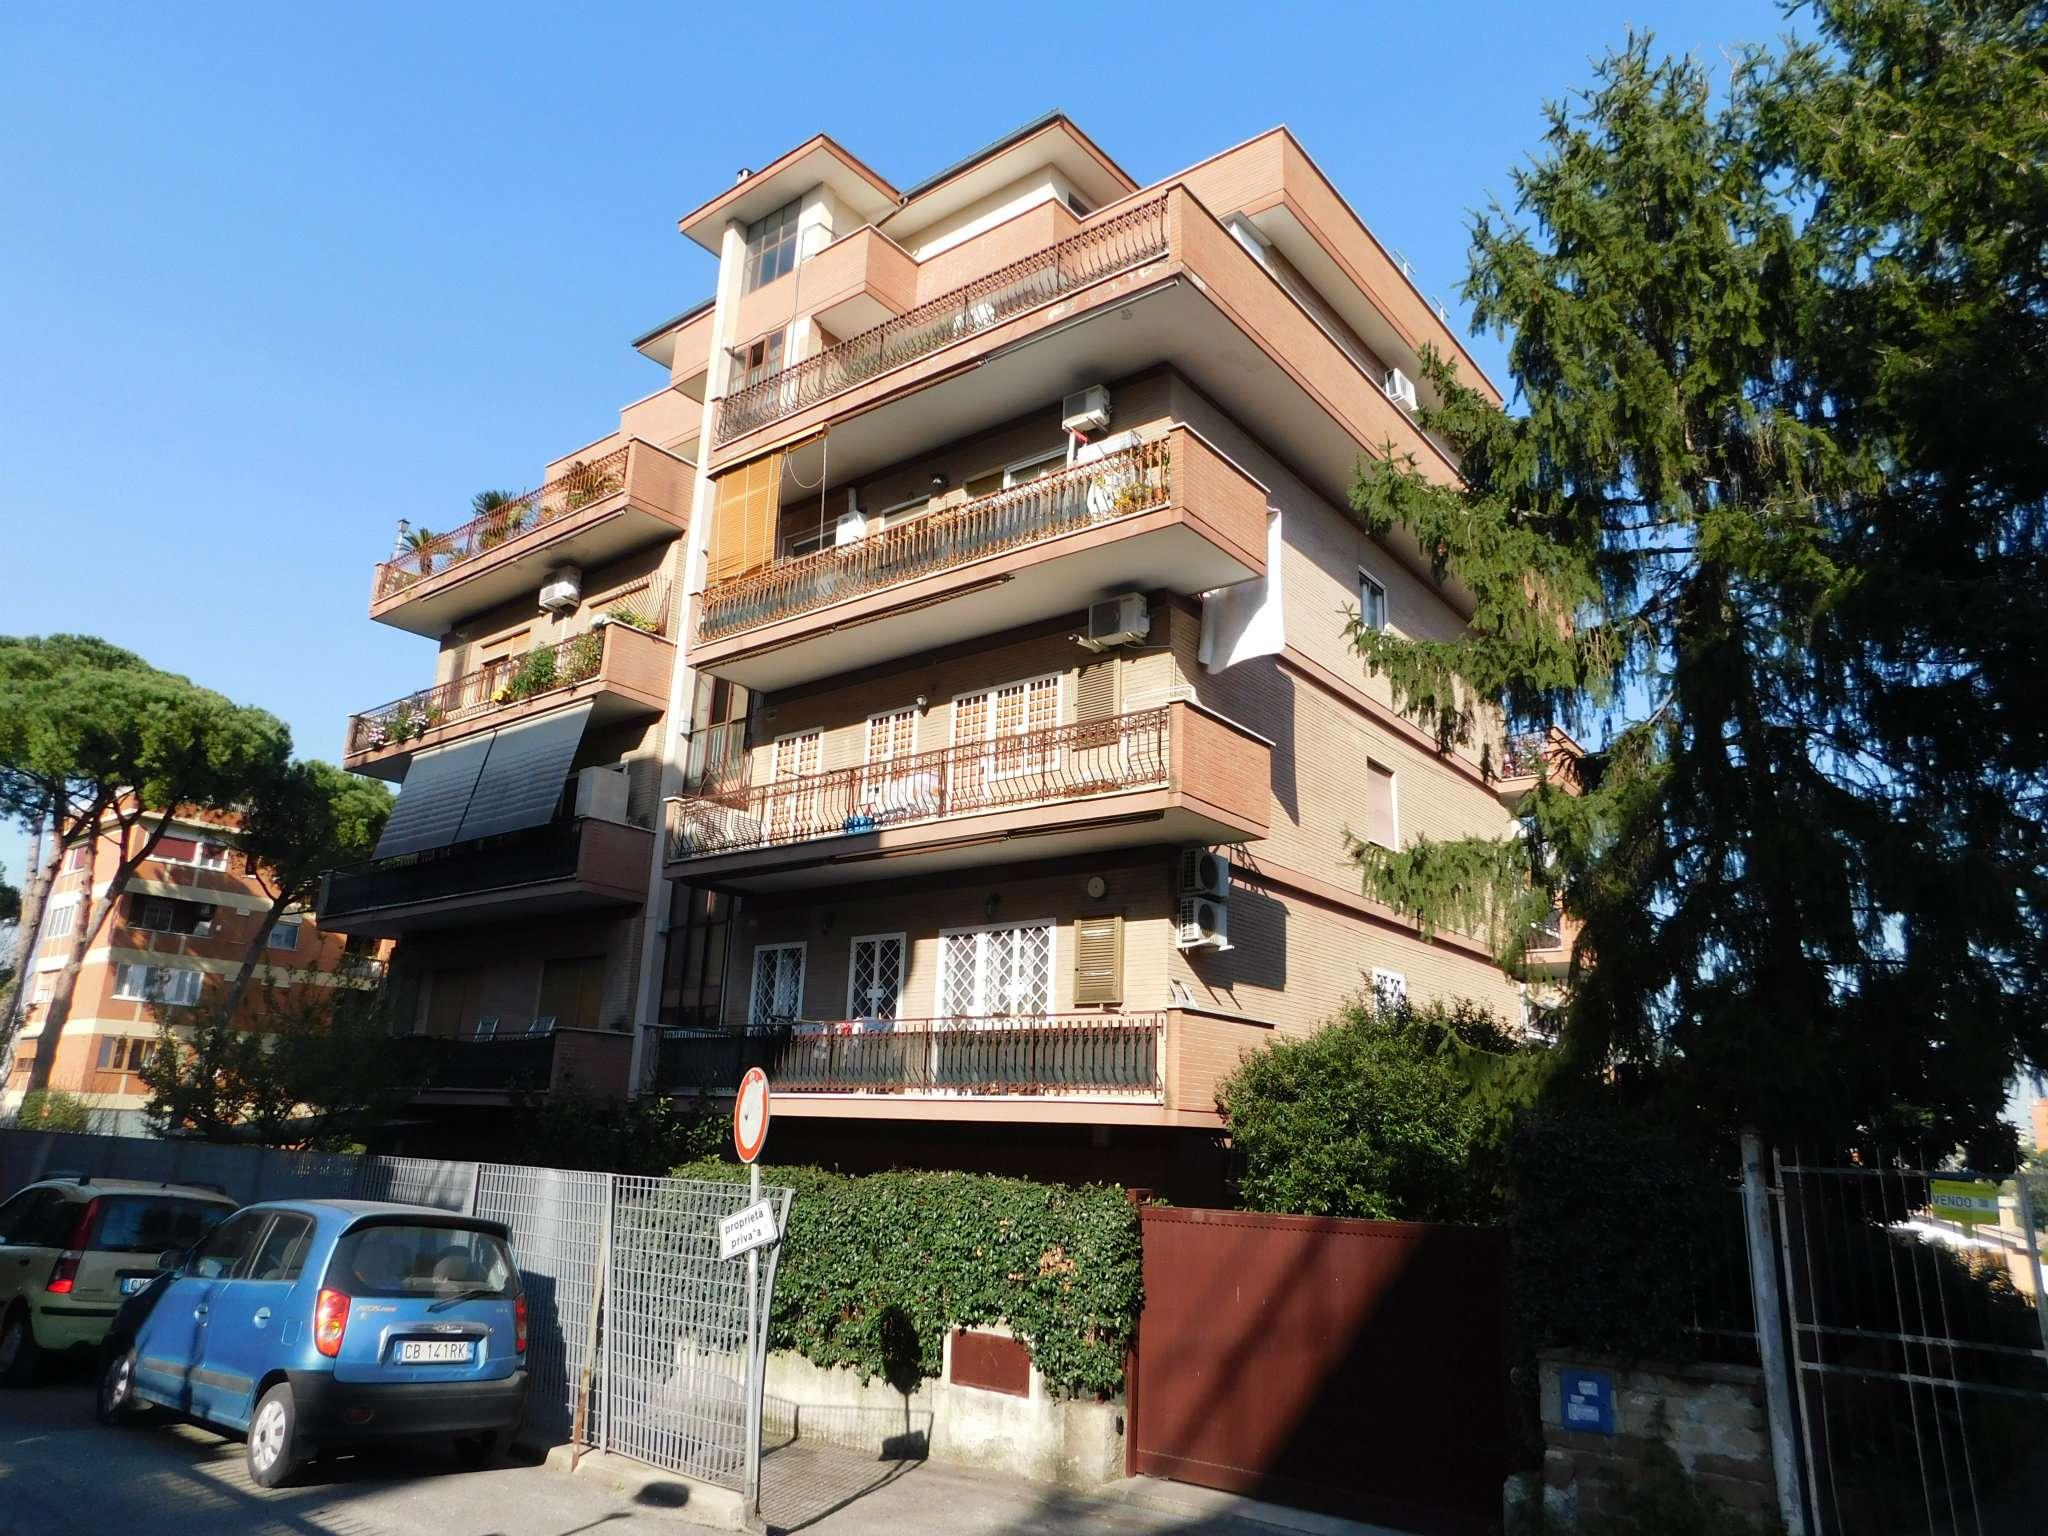 Attico / Mansarda in vendita a Roma, 3 locali, zona Zona: 11 . Centocelle, Alessandrino, Collatino, Prenestina, Villa Giordani, prezzo € 240.000 | CambioCasa.it